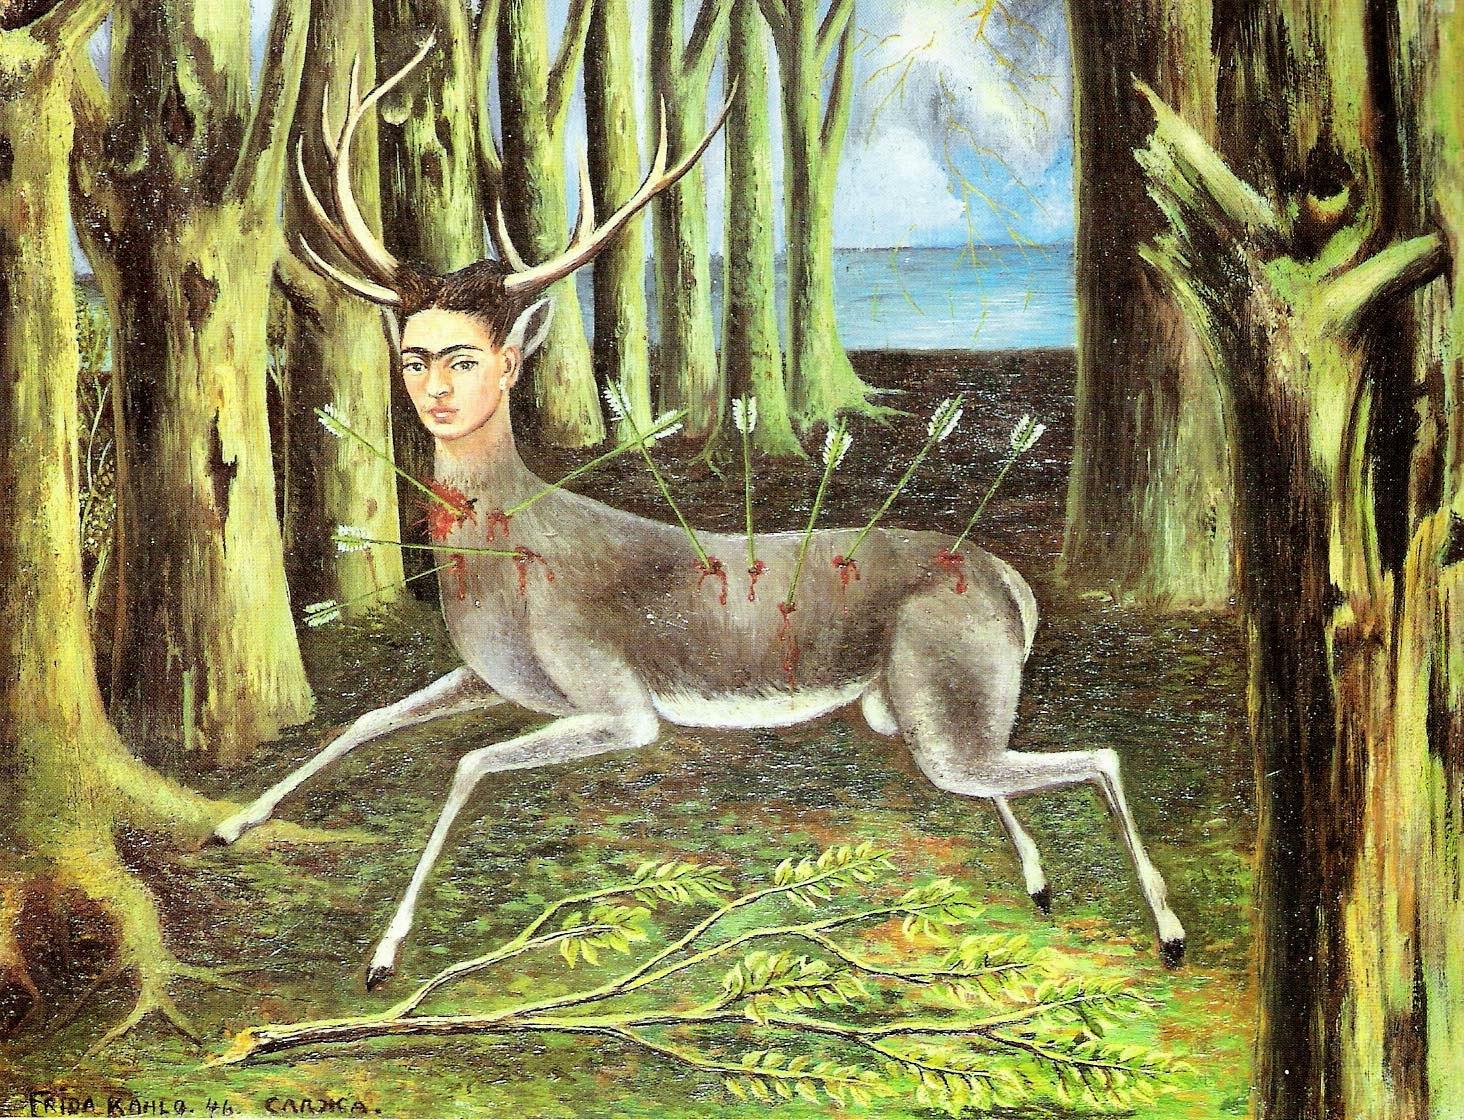 A Corsa Ferida - Frida Kahlo e suas pinturas ~ Pintora comunista e revolucionária